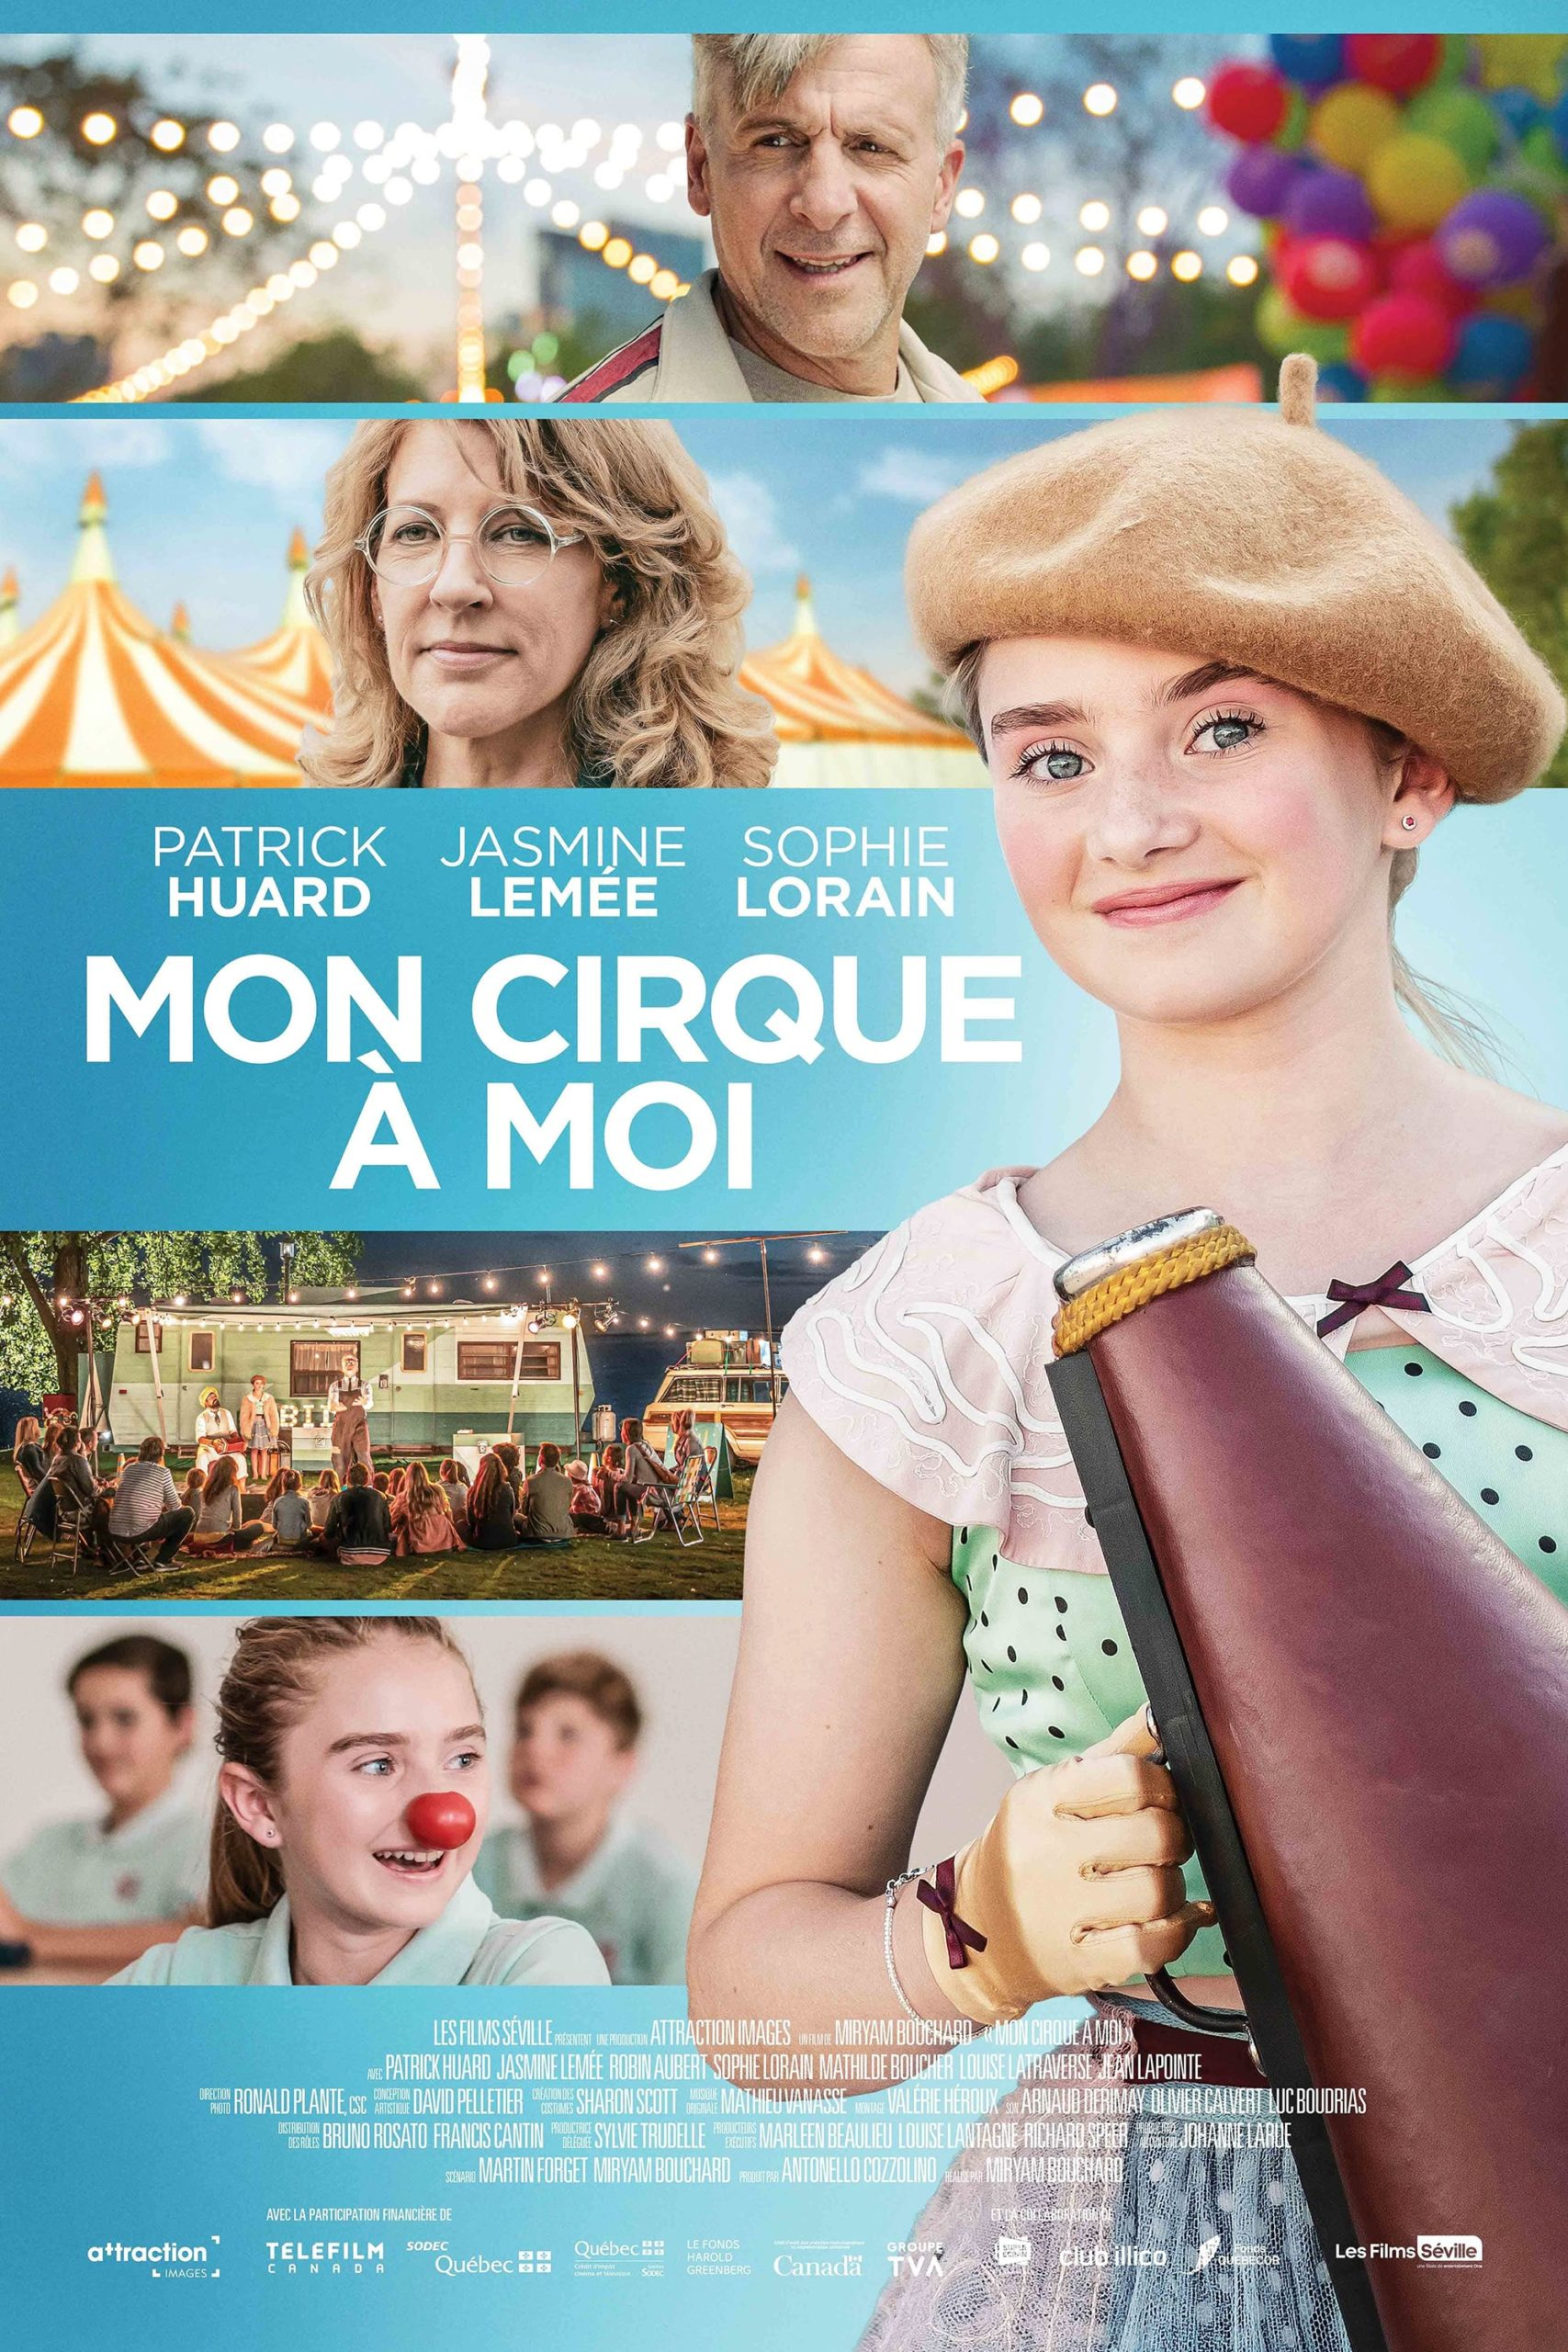 Mon cirque à moi